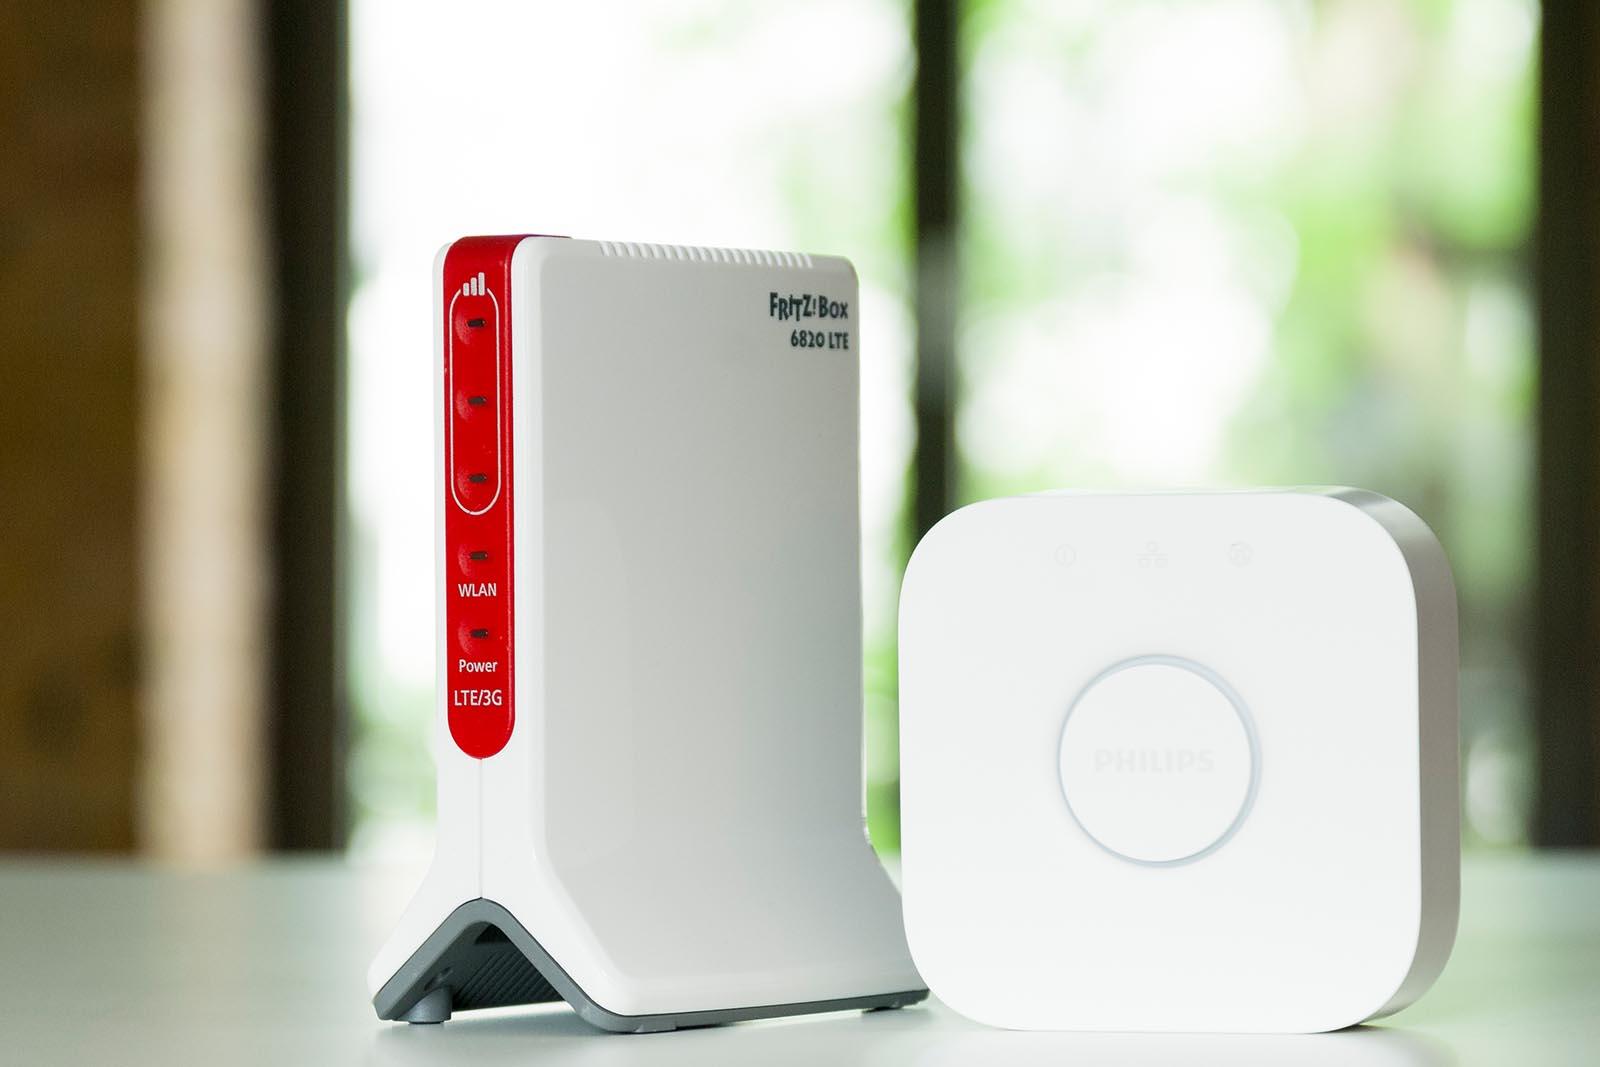 Wifi Smart Tür Fenster Alarm Sensor Drahtlose Fernbedienung Für Famaly Sicherheit Mangelware Zugangskontrolle